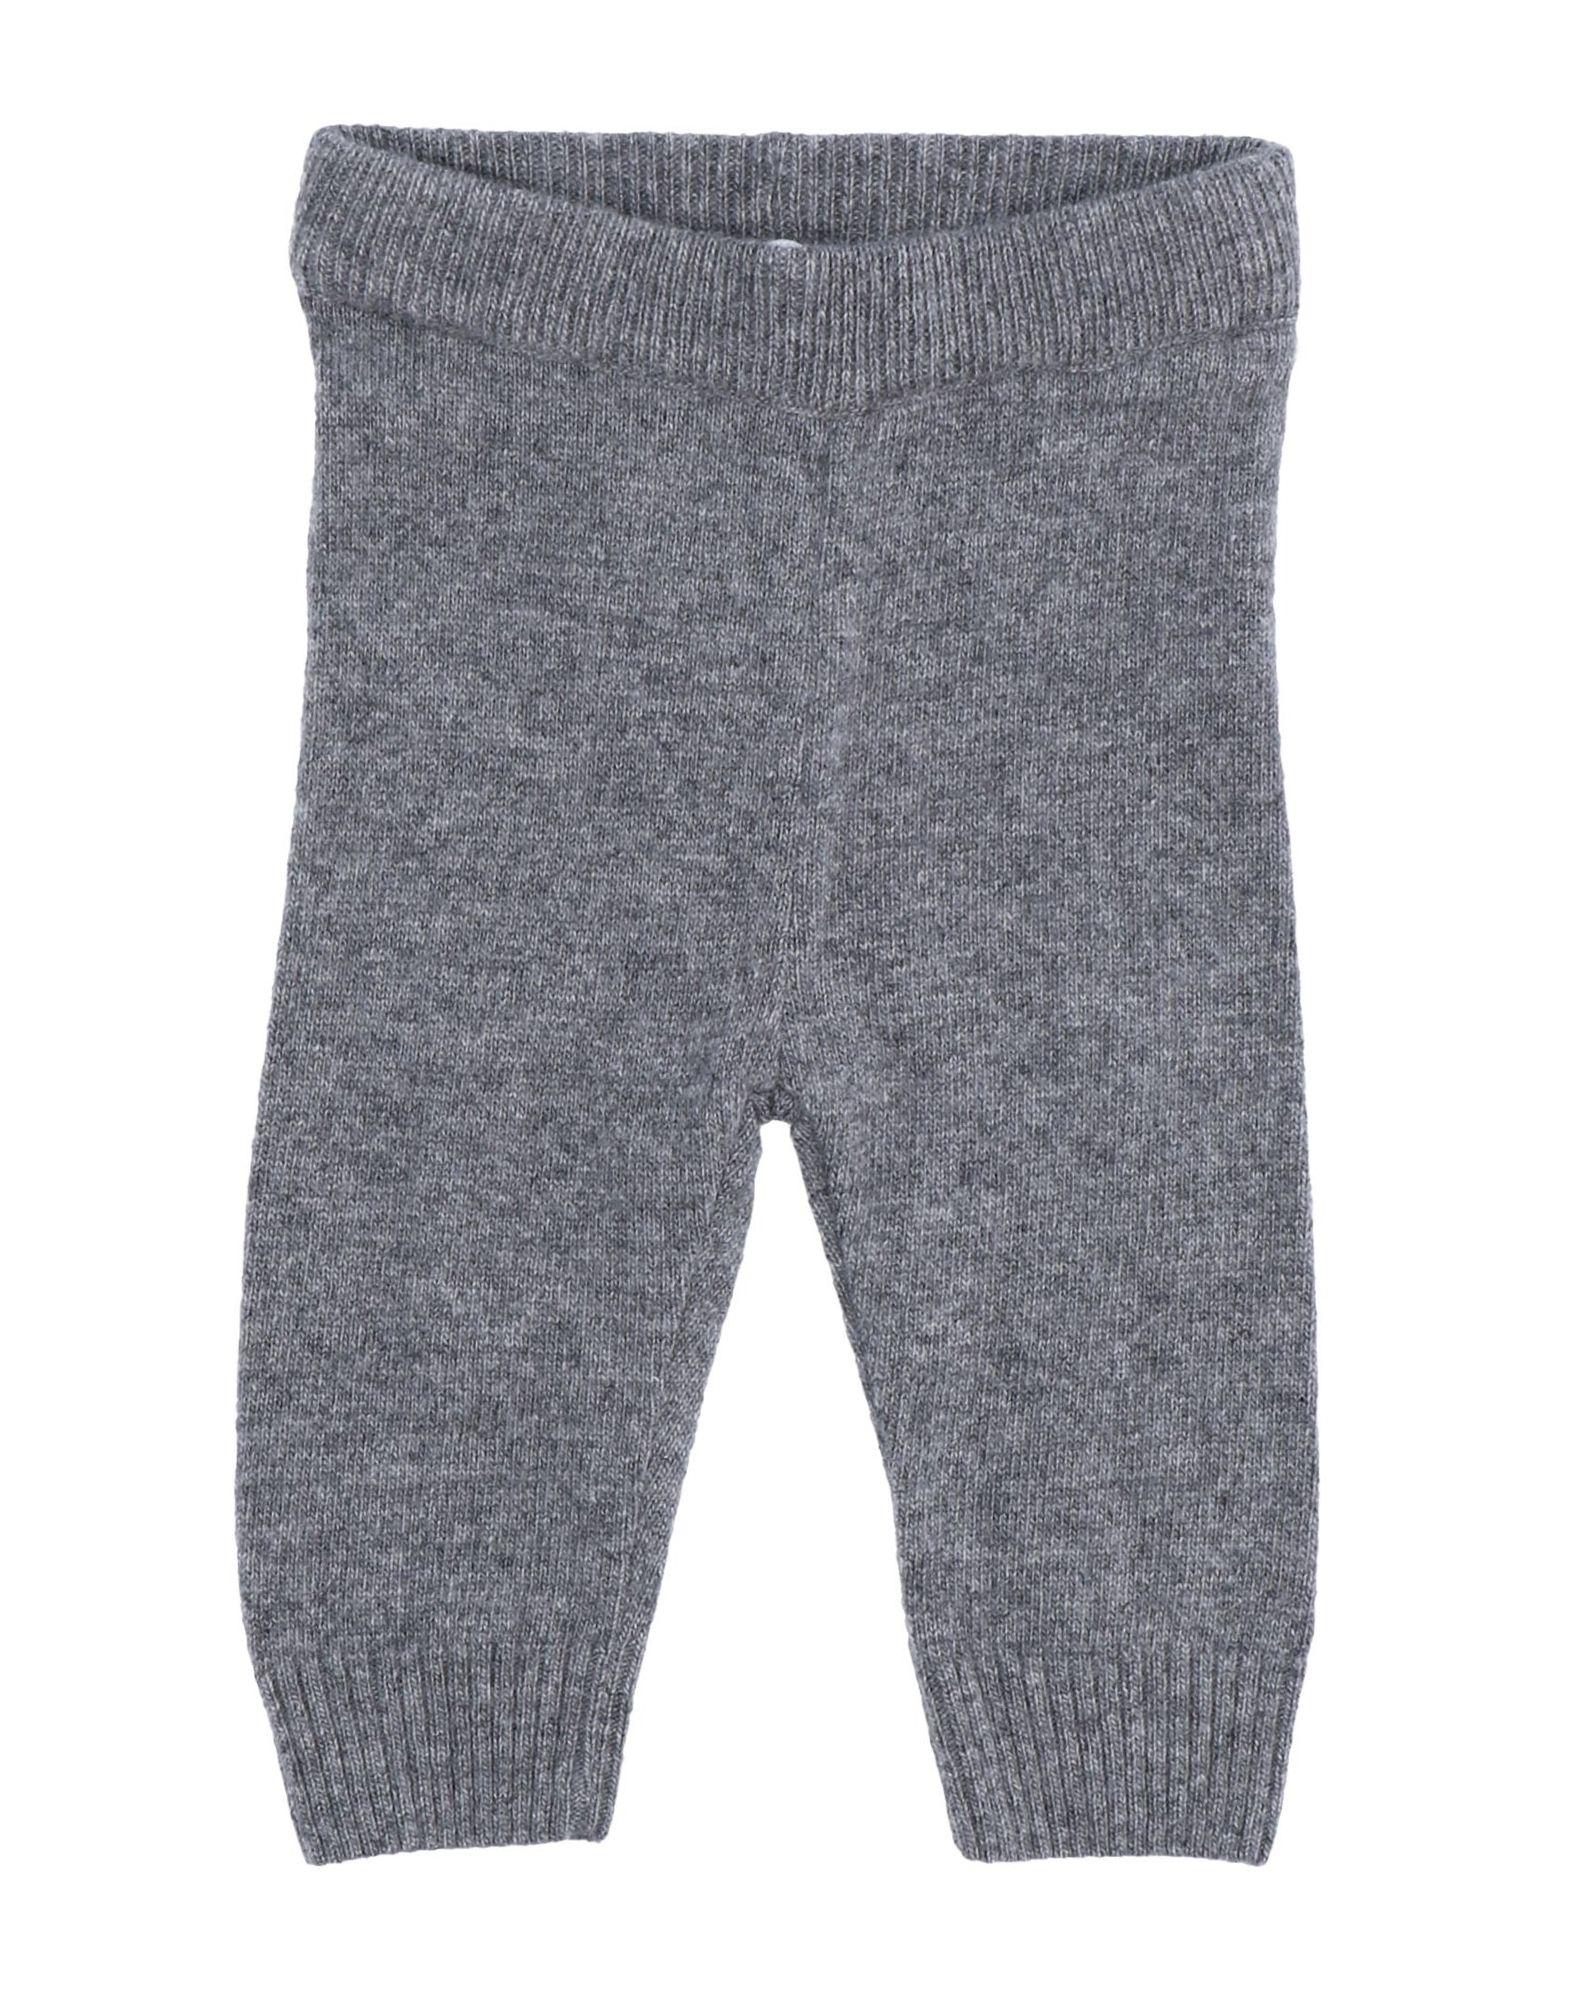 Gf Ferre' Kids' Casual Pants In Gray